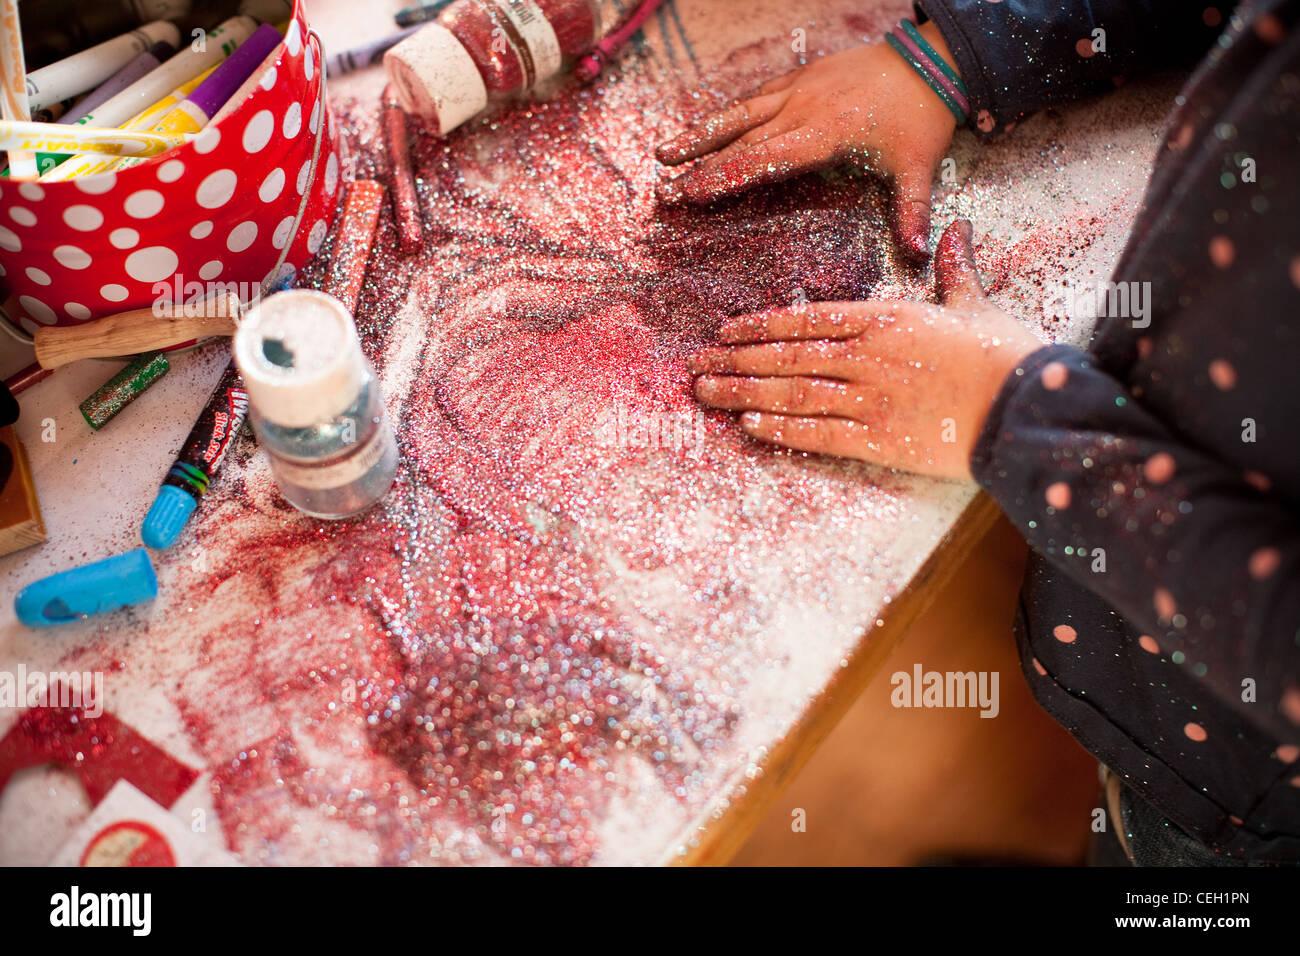 Sept ans, fille de jouer avec un tas de violet et rose glitter valentine lors d'un projet artistique, United Photo Stock